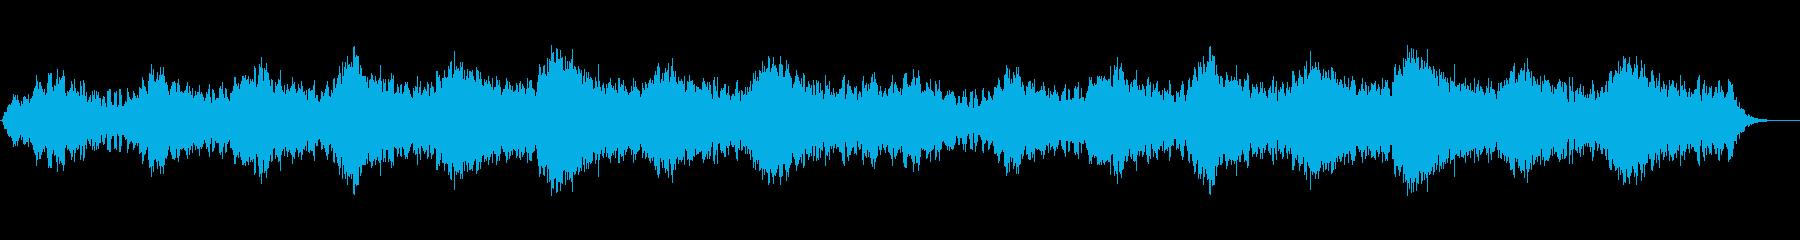 ジブリアニメ風_キラキラ_幻想系ジングルの再生済みの波形